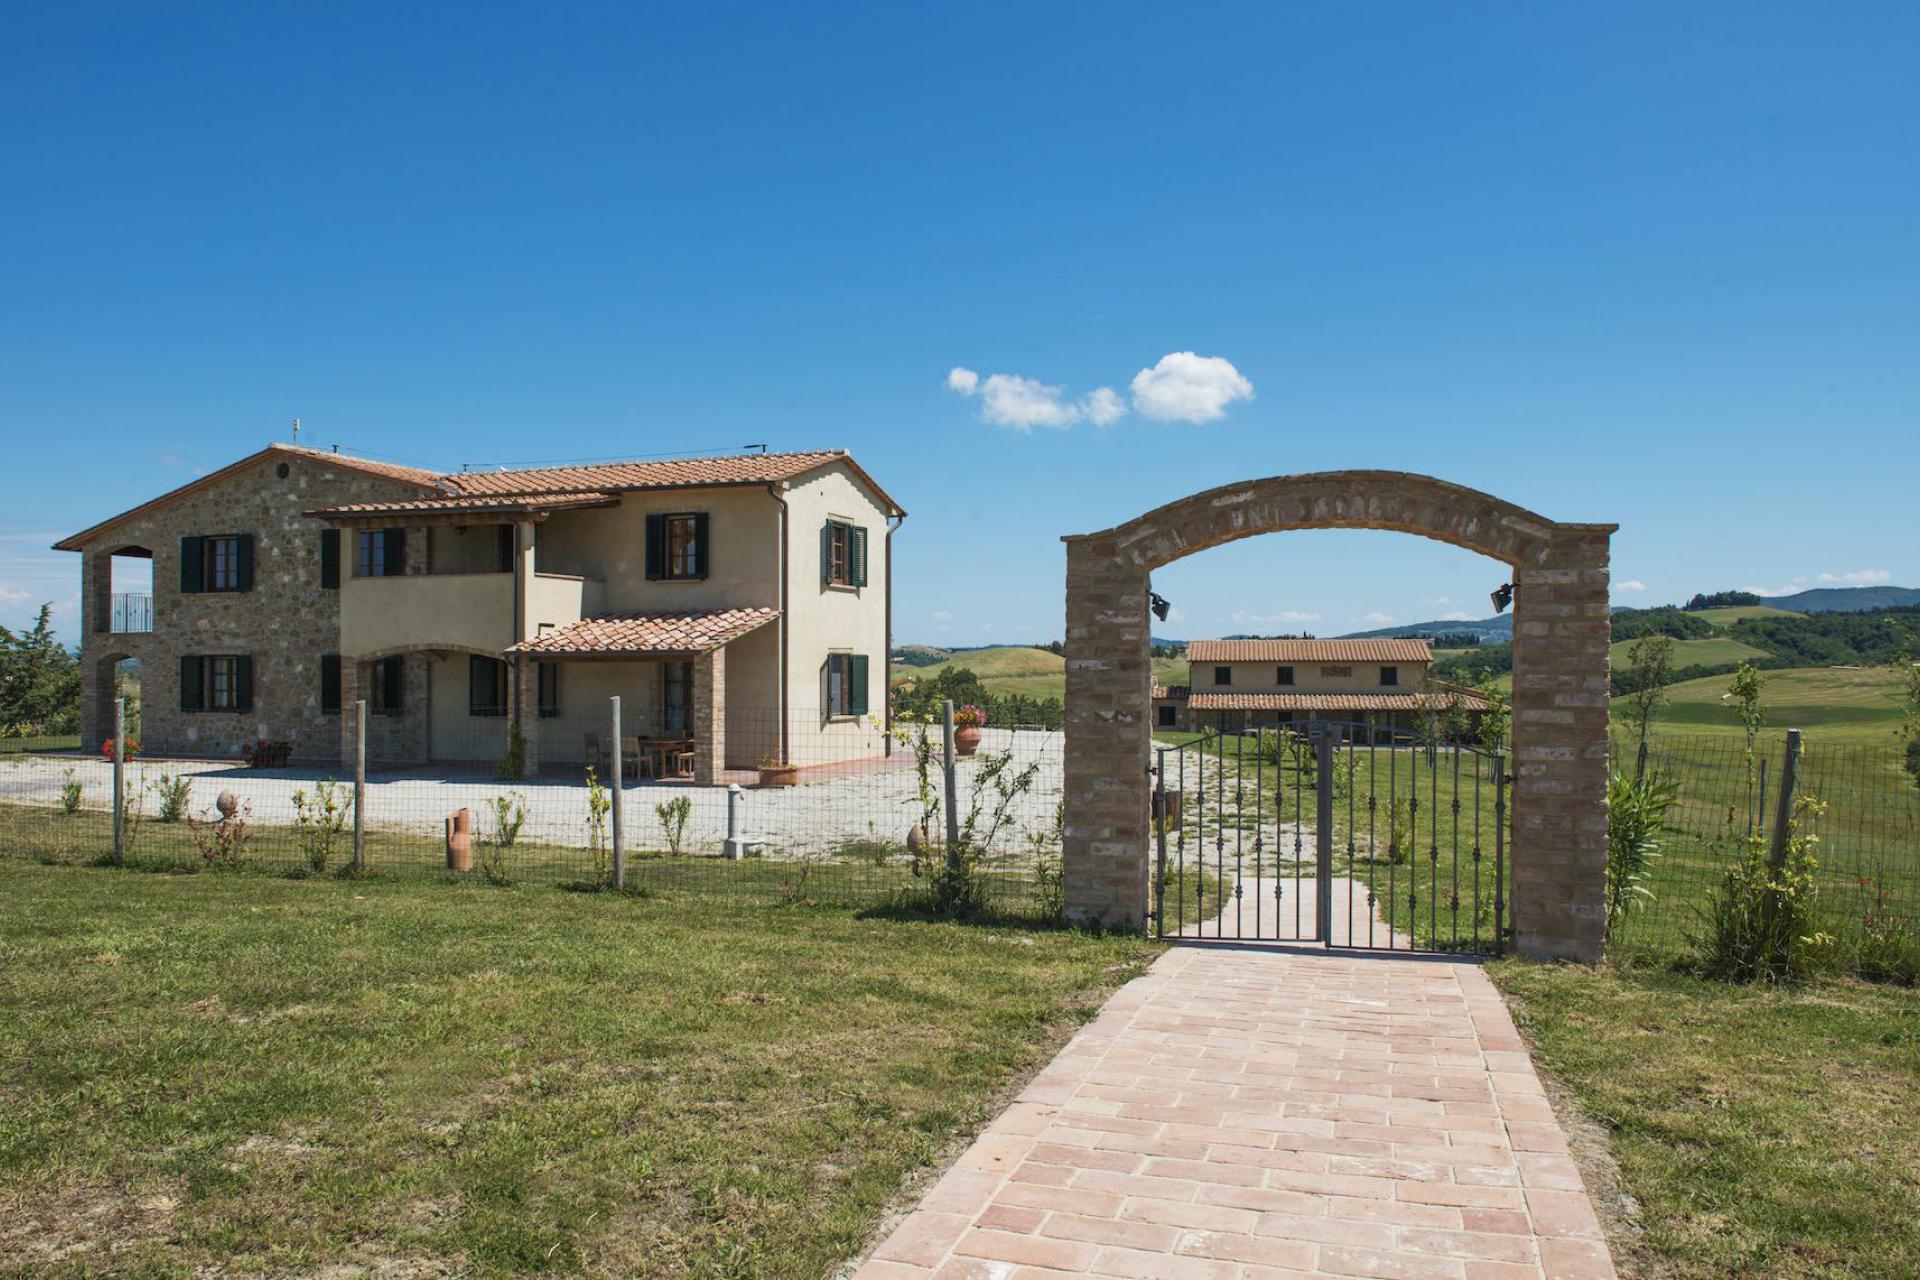 Agriturismo Toscana Agriturismo per famiglie in Toscana con bella piscina